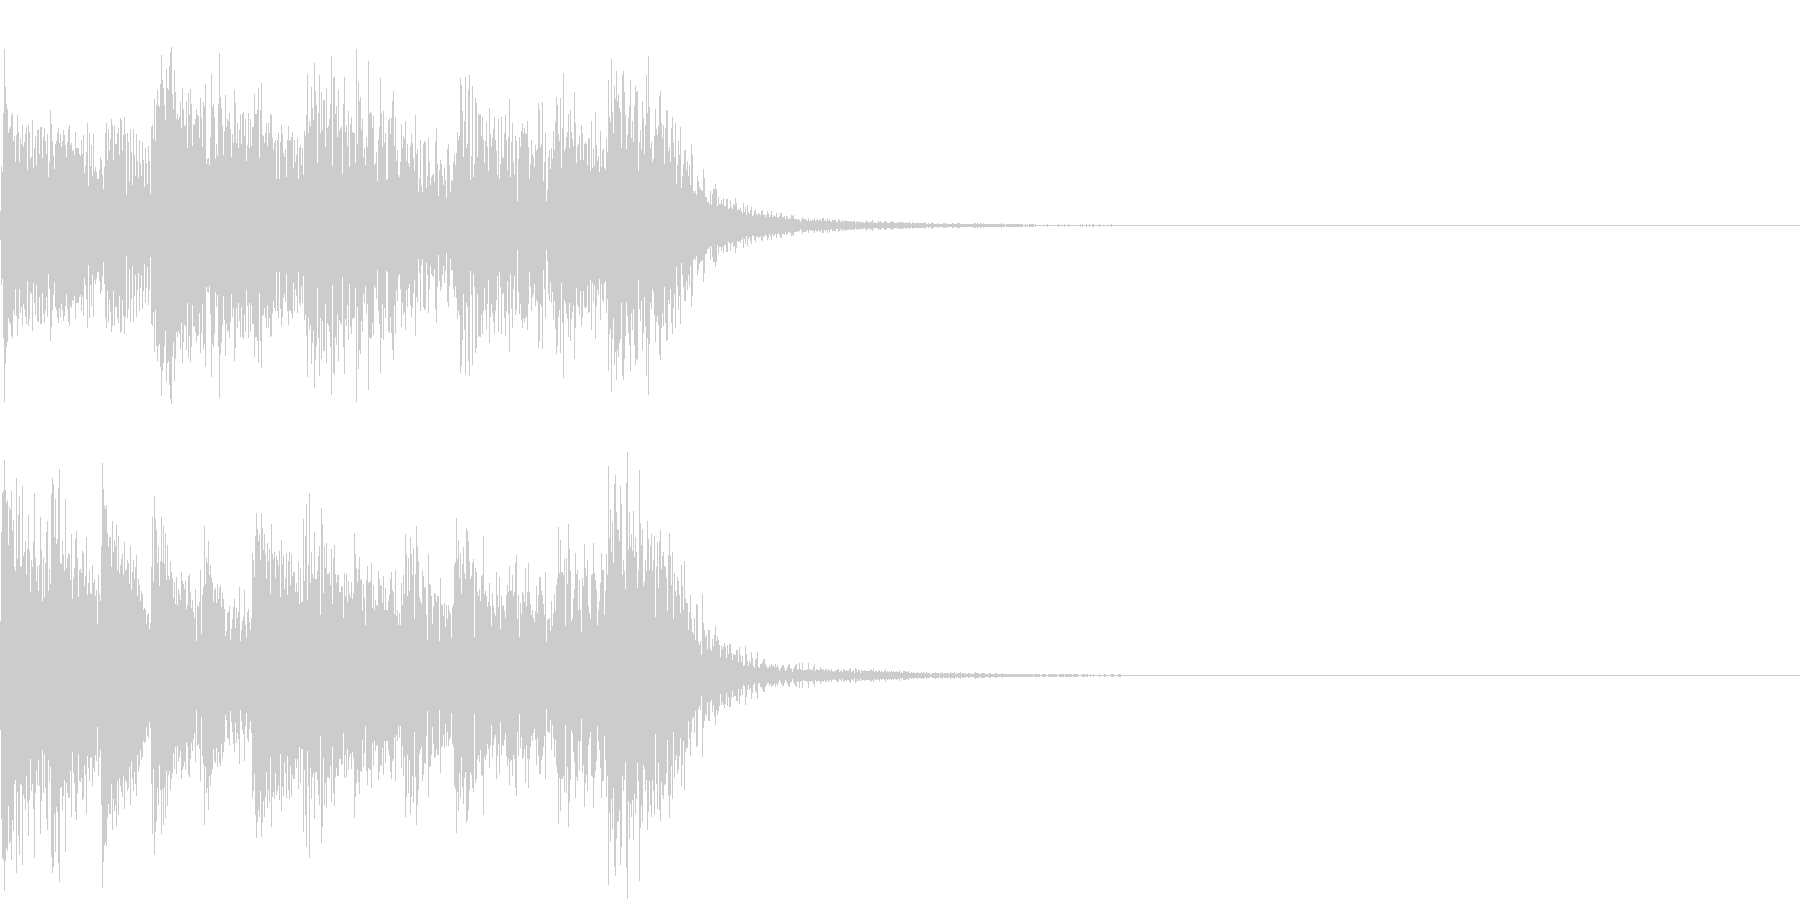 ノリノリなピアノSEジャズブルース風3秒の未再生の波形